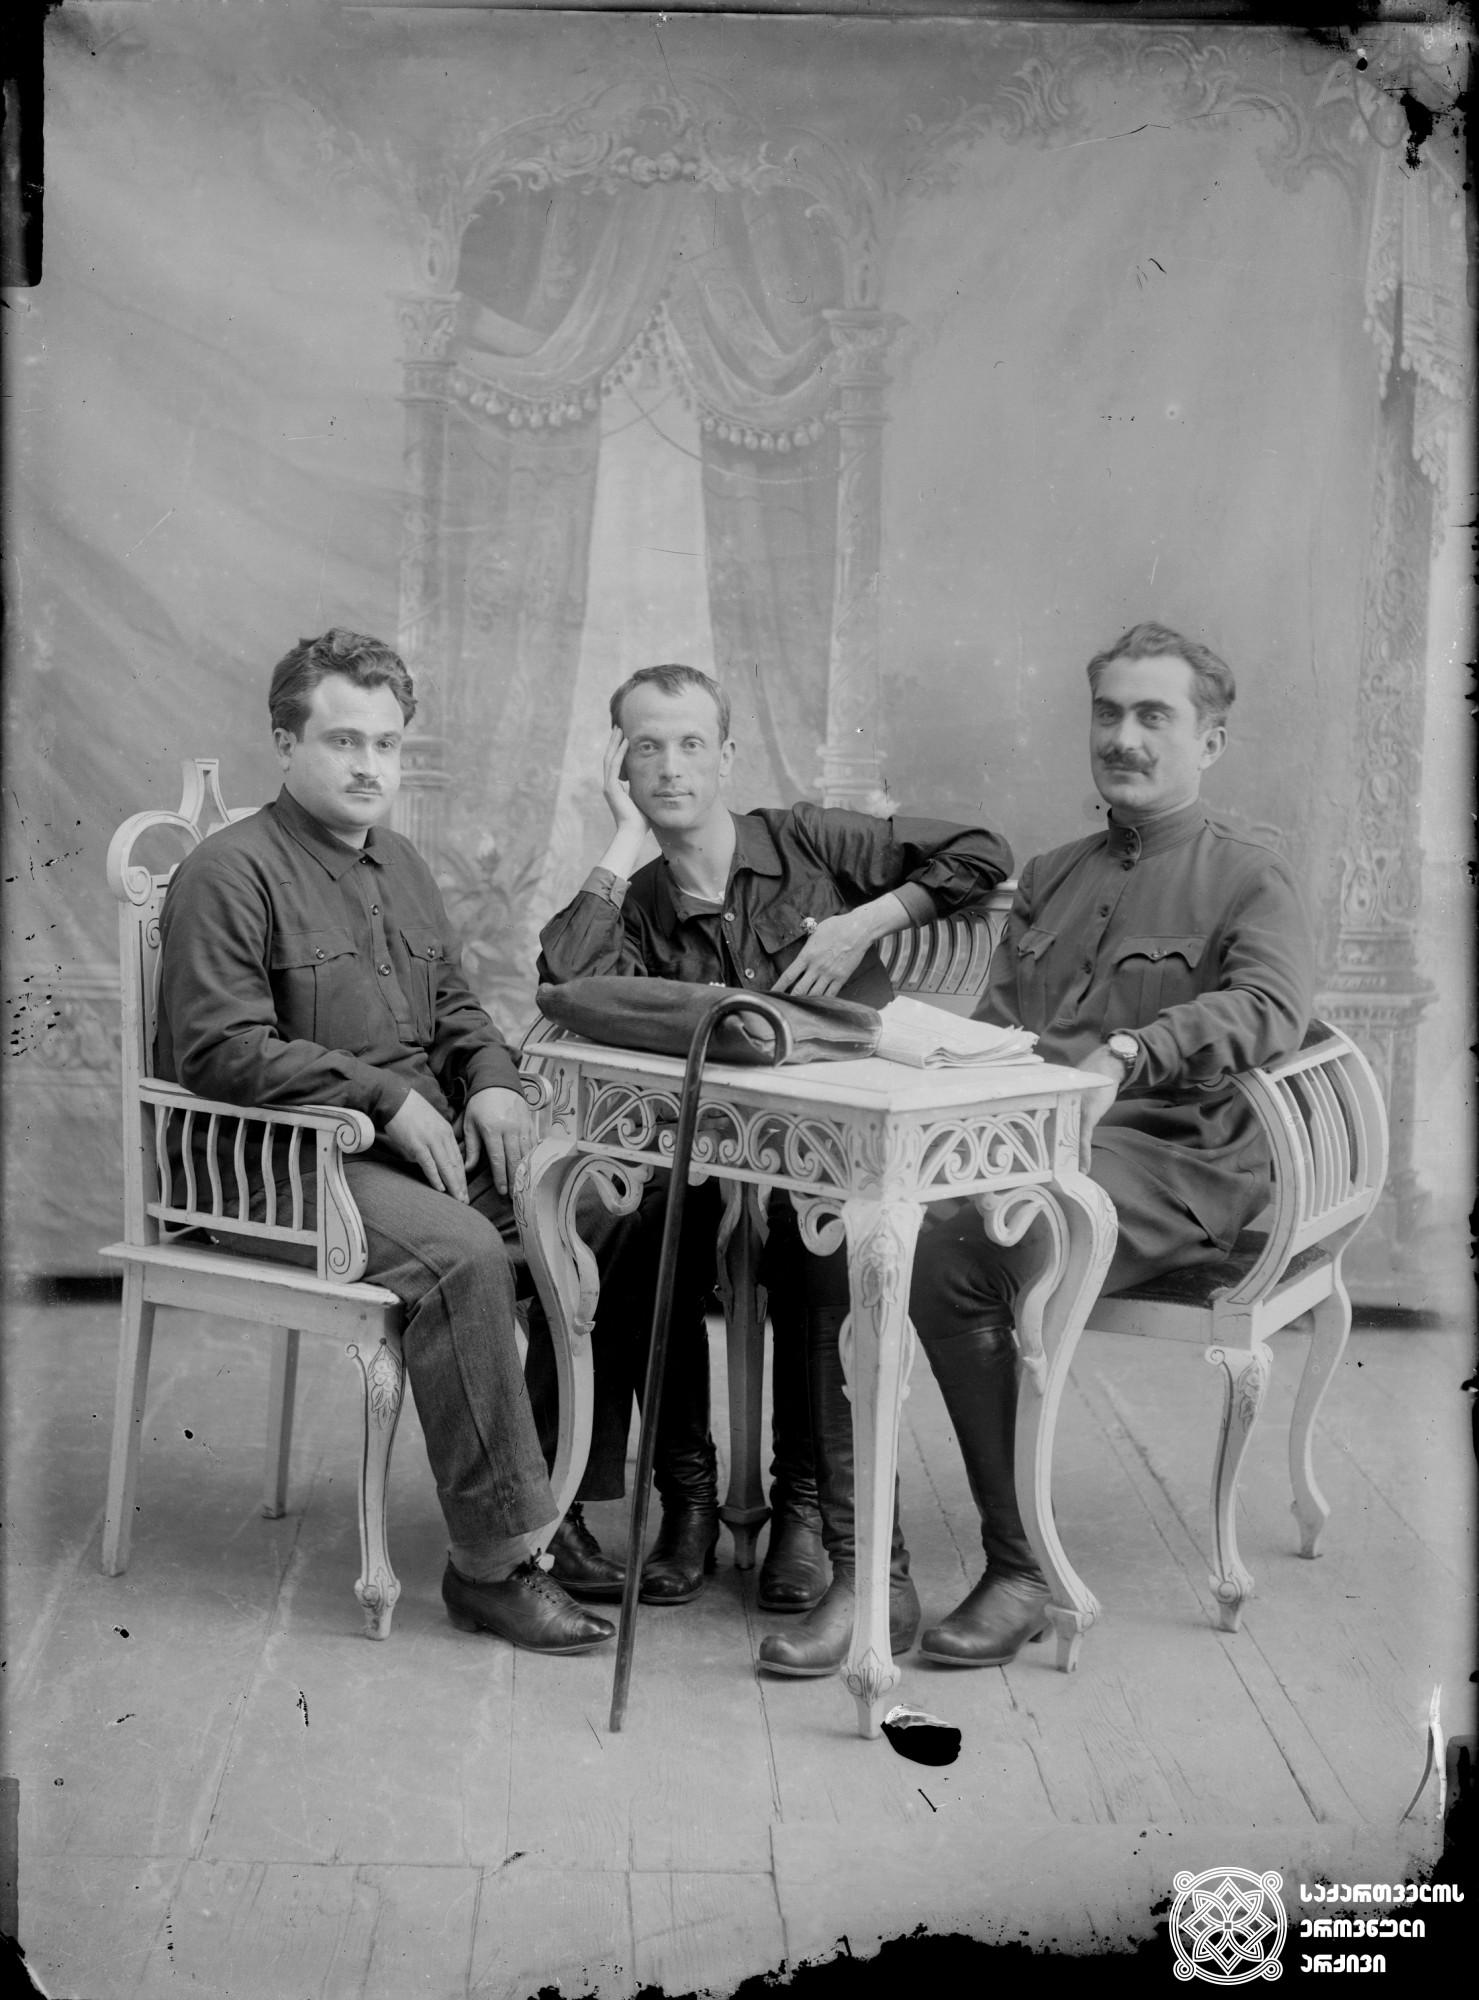 მარცხნიდან: ამბერკი ურუშაძე, უცნობი პიროვნება და დავით ლორთქიფანიძე. <br> მინის ნეგატივი 12X16. <br> From left: Amberki Urushadze, unknown person and Davit Lortkipanidze. <br> Glass negative 12X16.